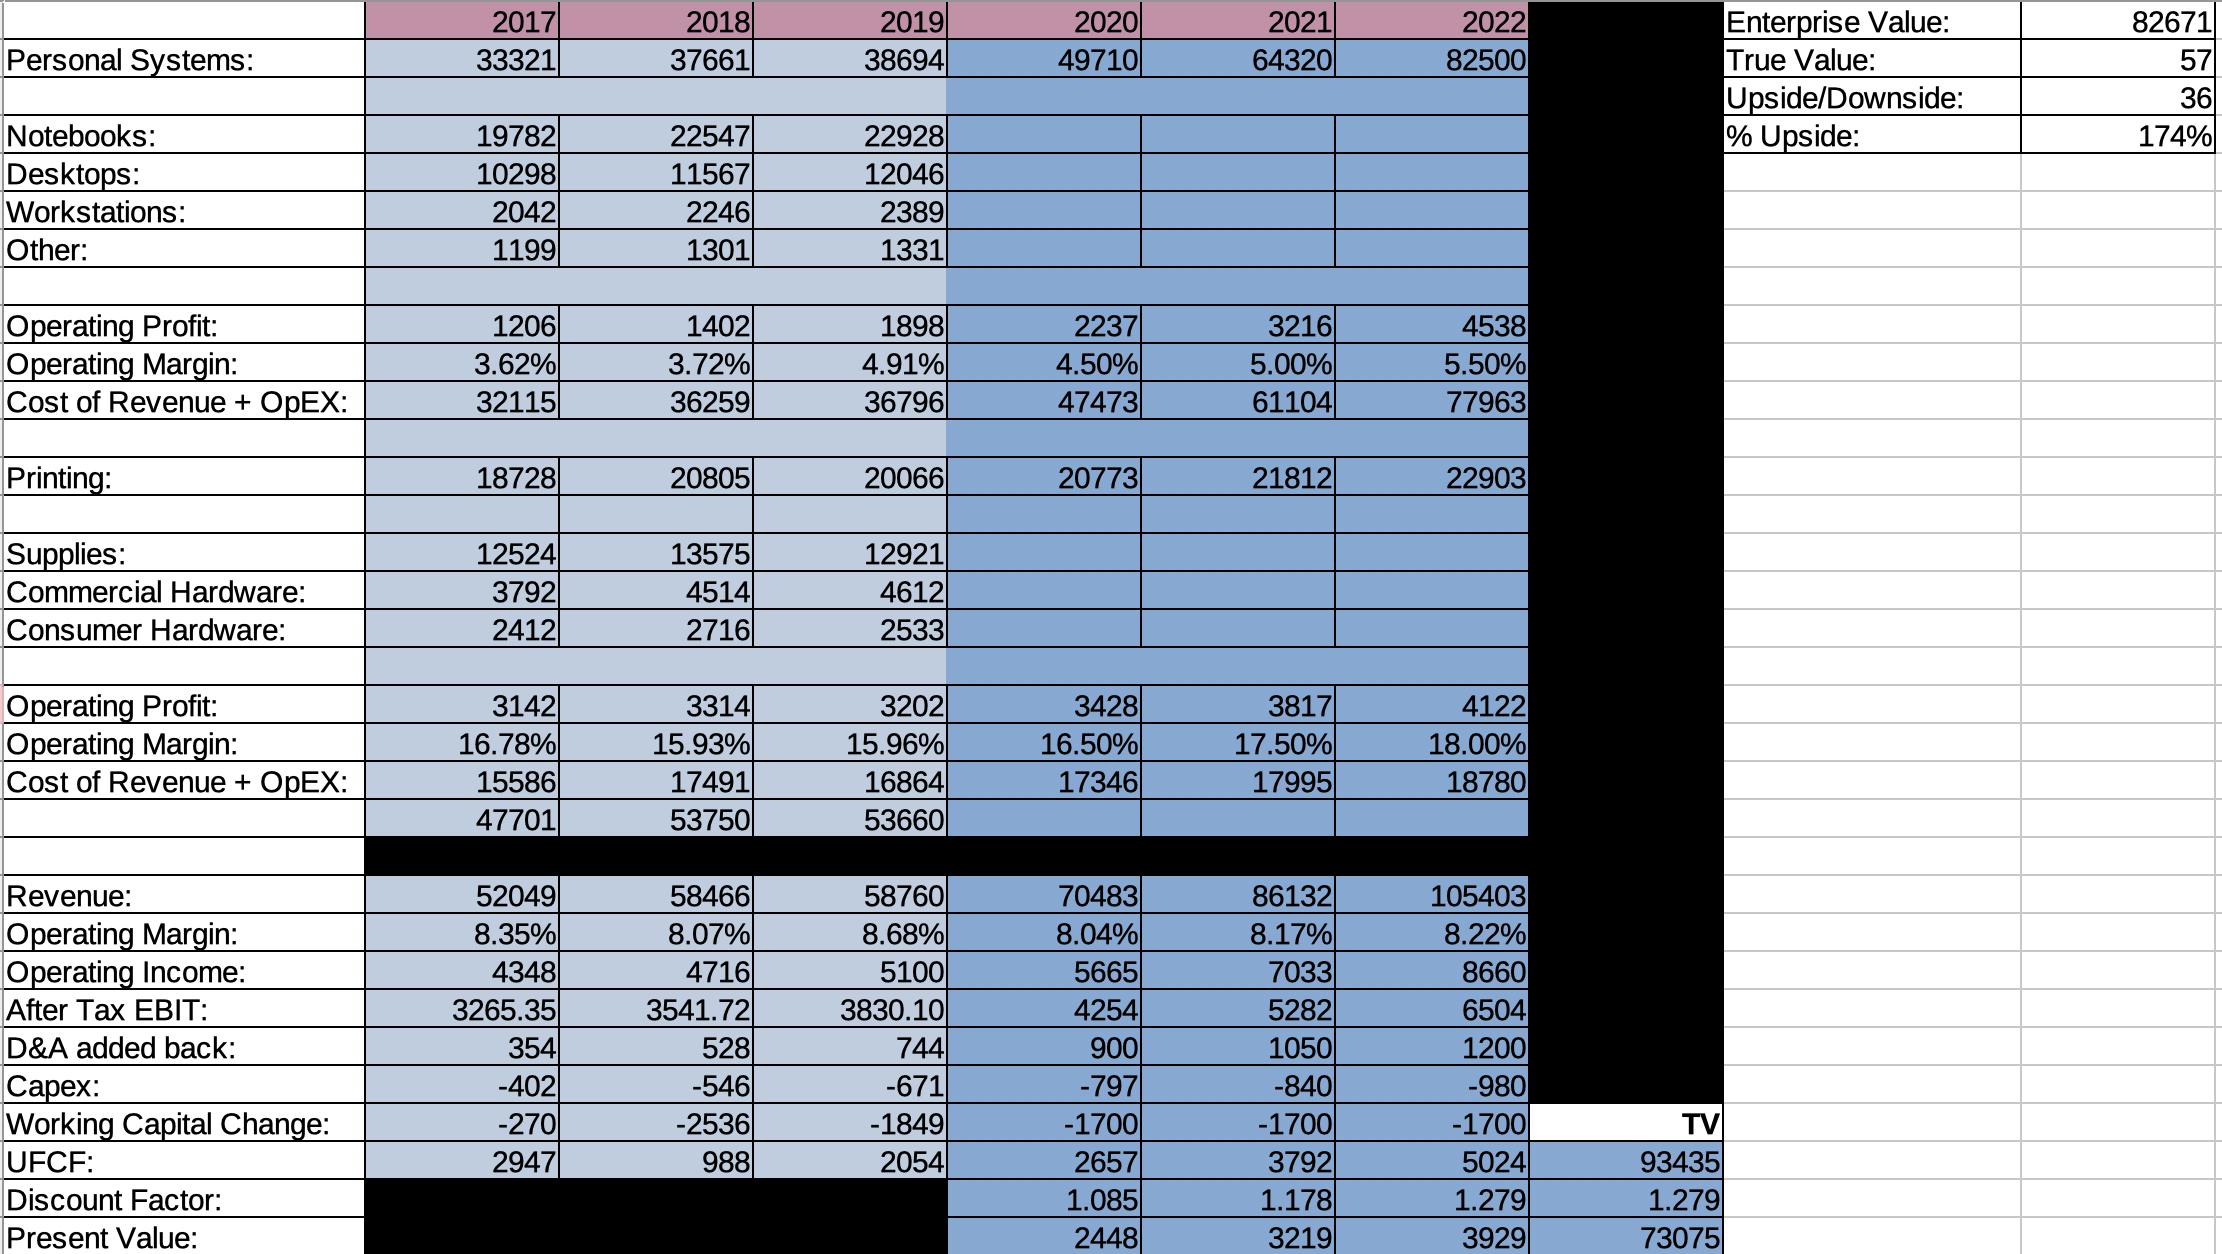 HP fair value discounted cash flow